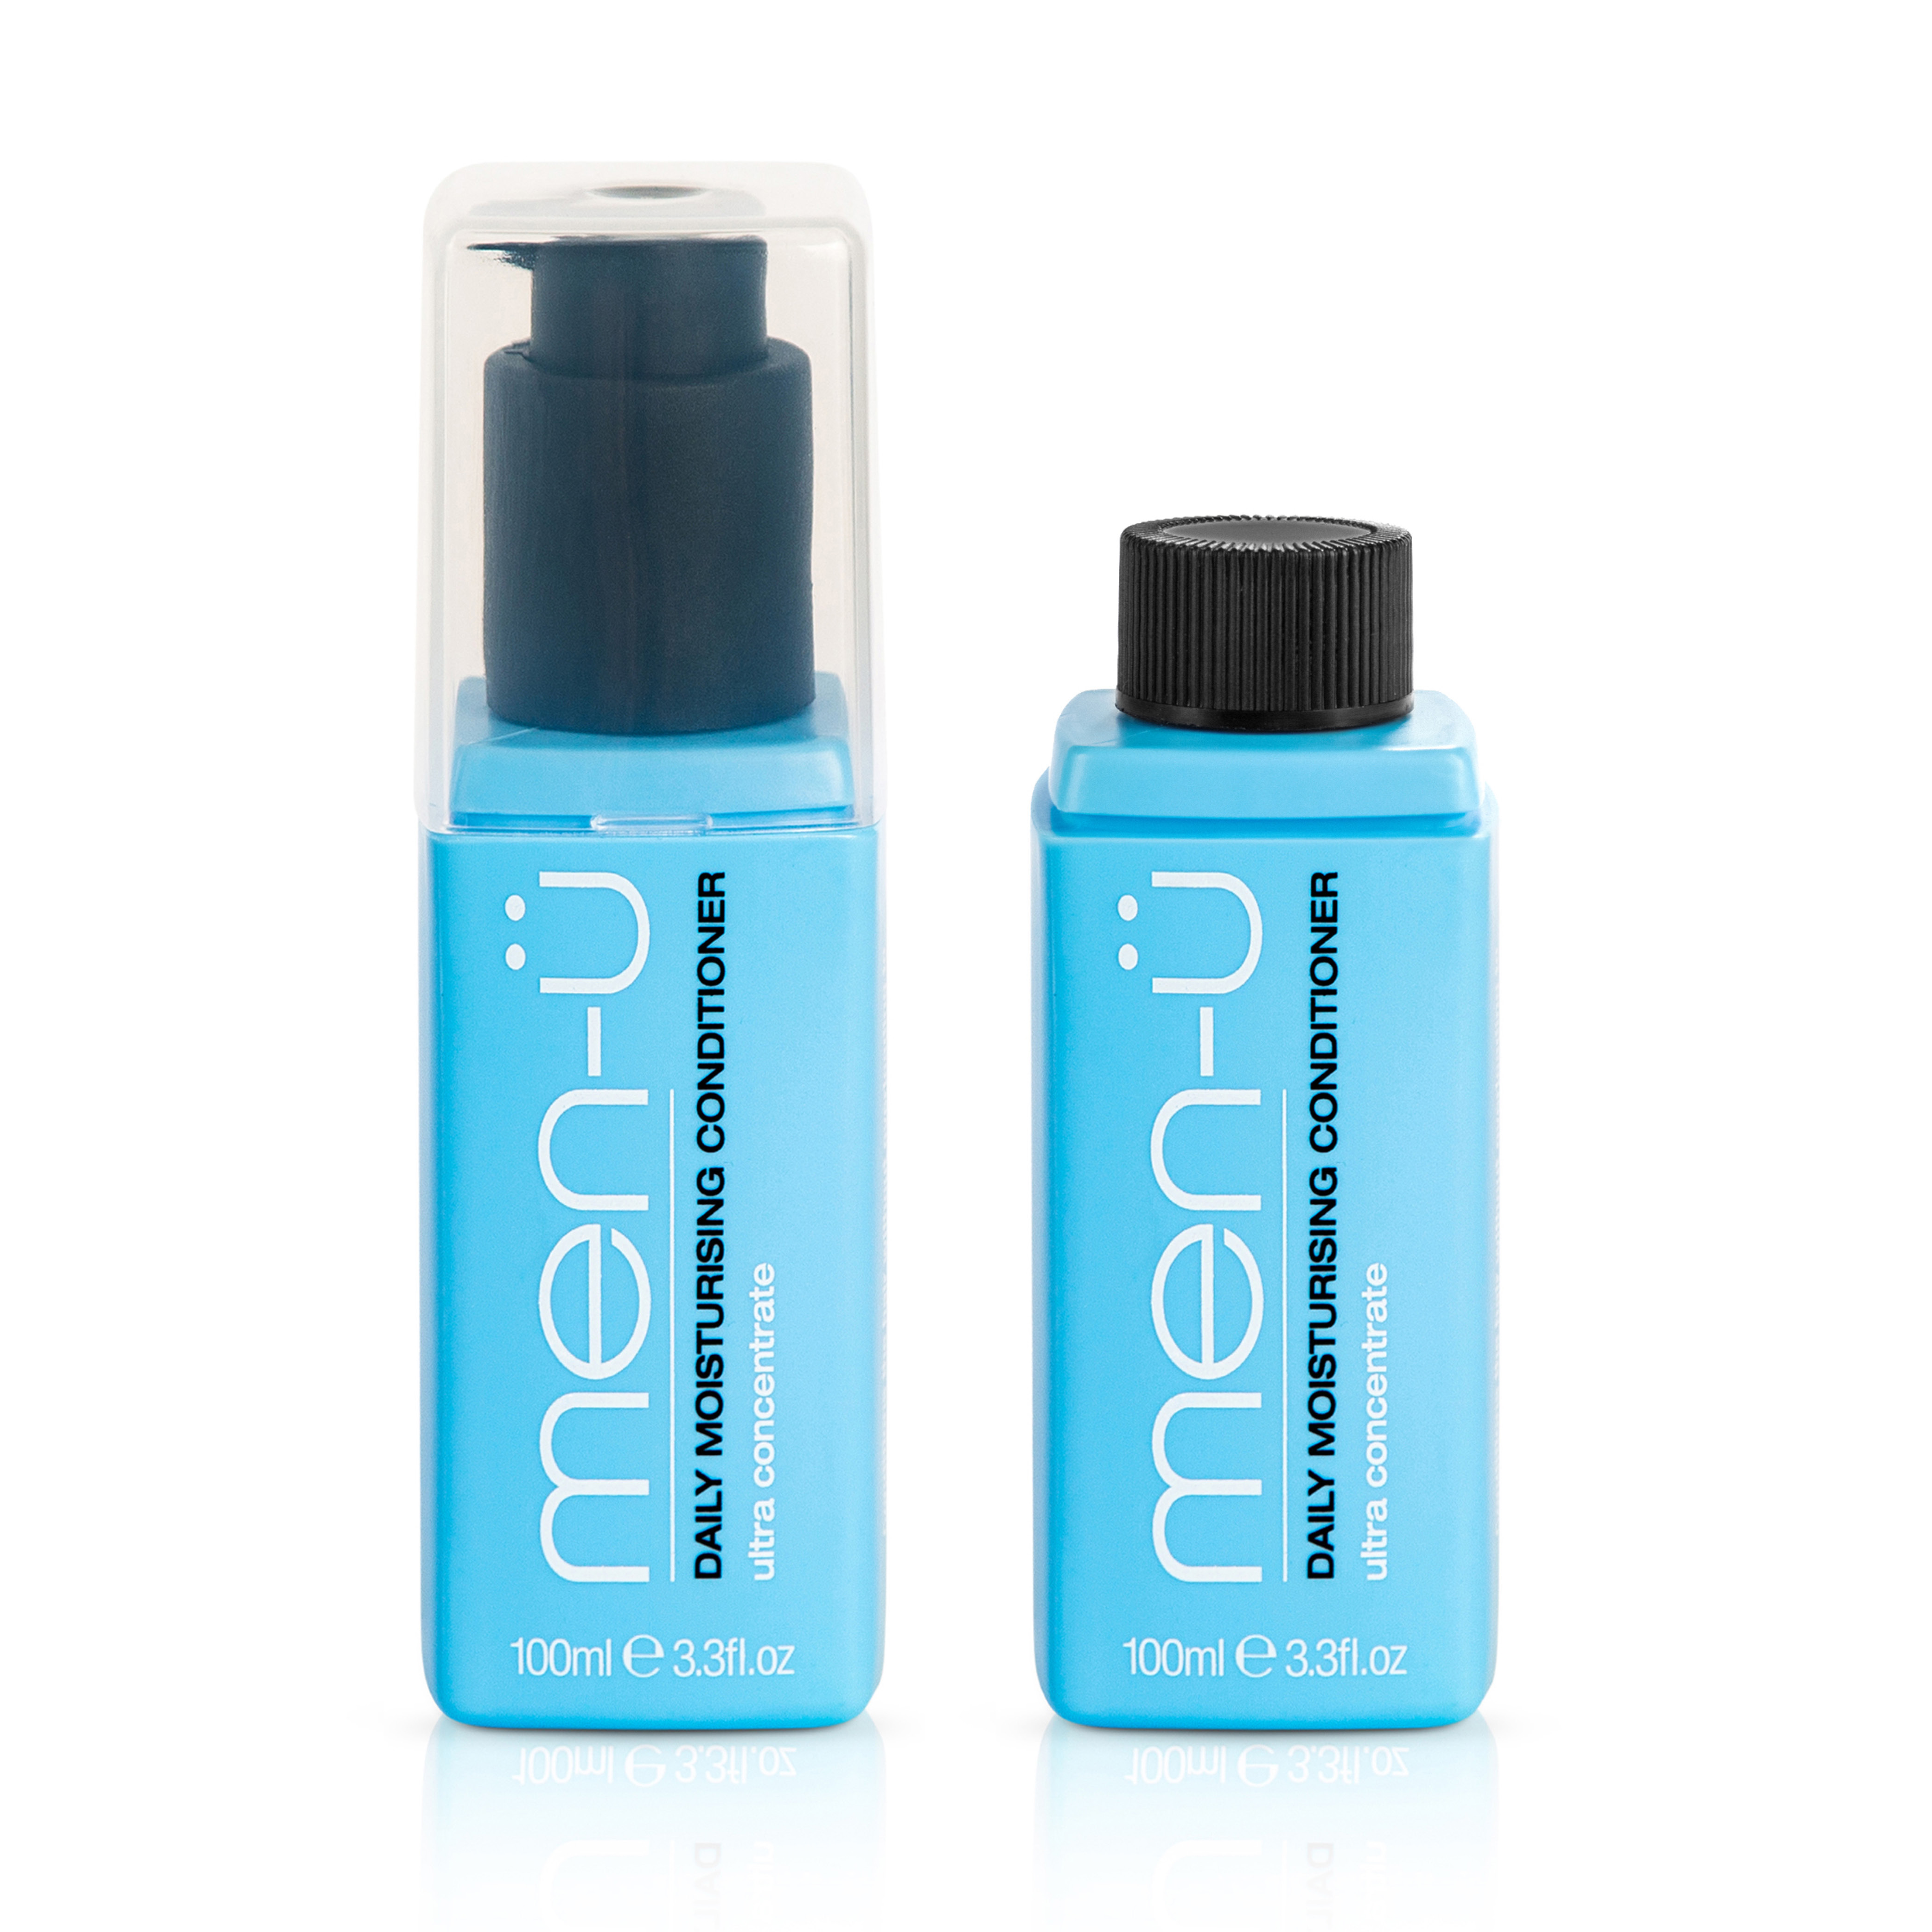 [Zestaw] men-u - męski codzienny szampon nawilżający do włosów 100ml produkt Mens Health + men-u męska odżywka nawilżająca do włosów 100ml